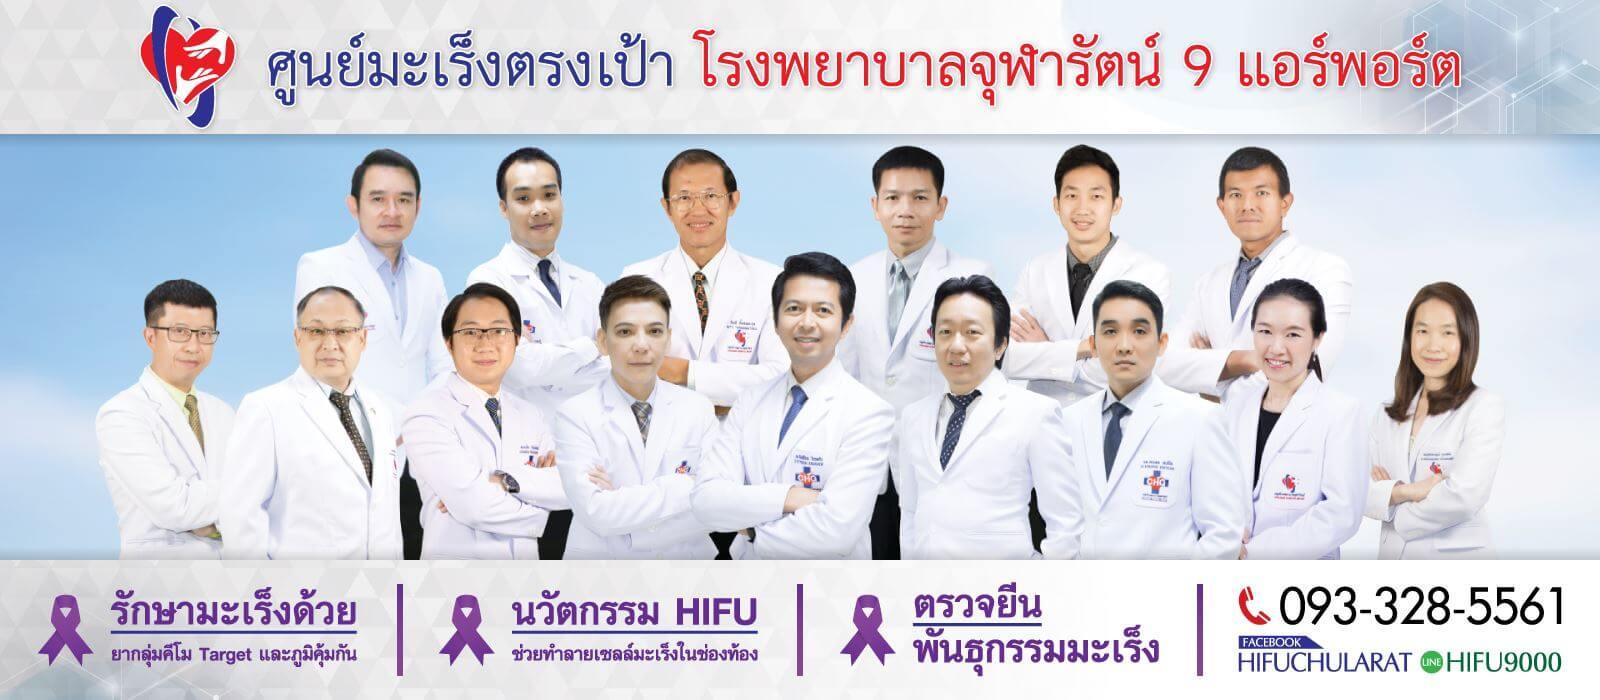 6112-bn-cancer